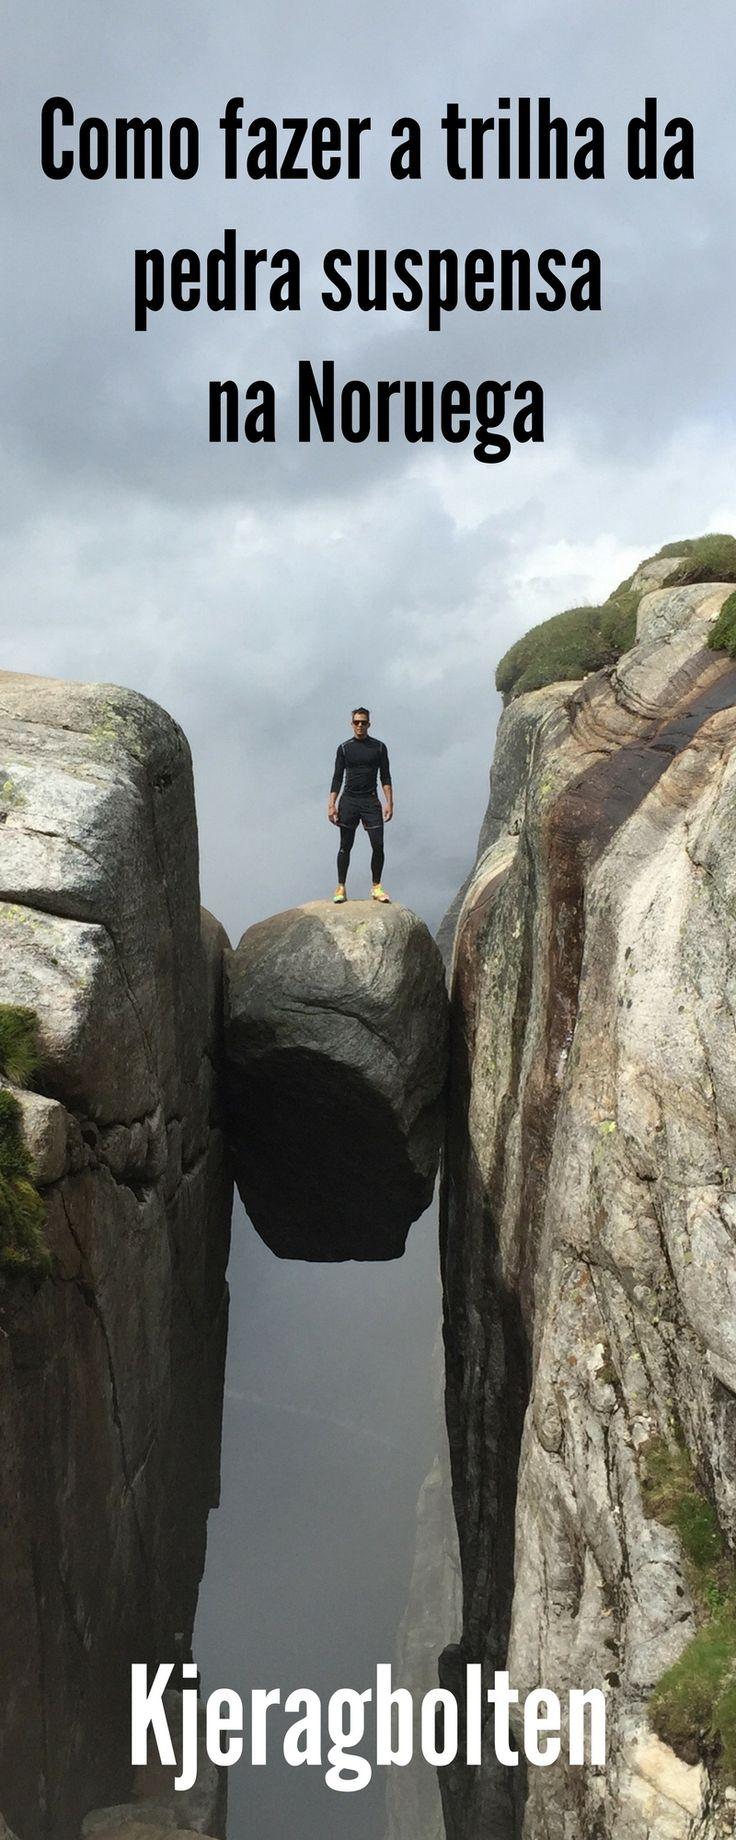 Tudo o que você precisa saber para fazer a trilha da pedra suspensa na Noruega.